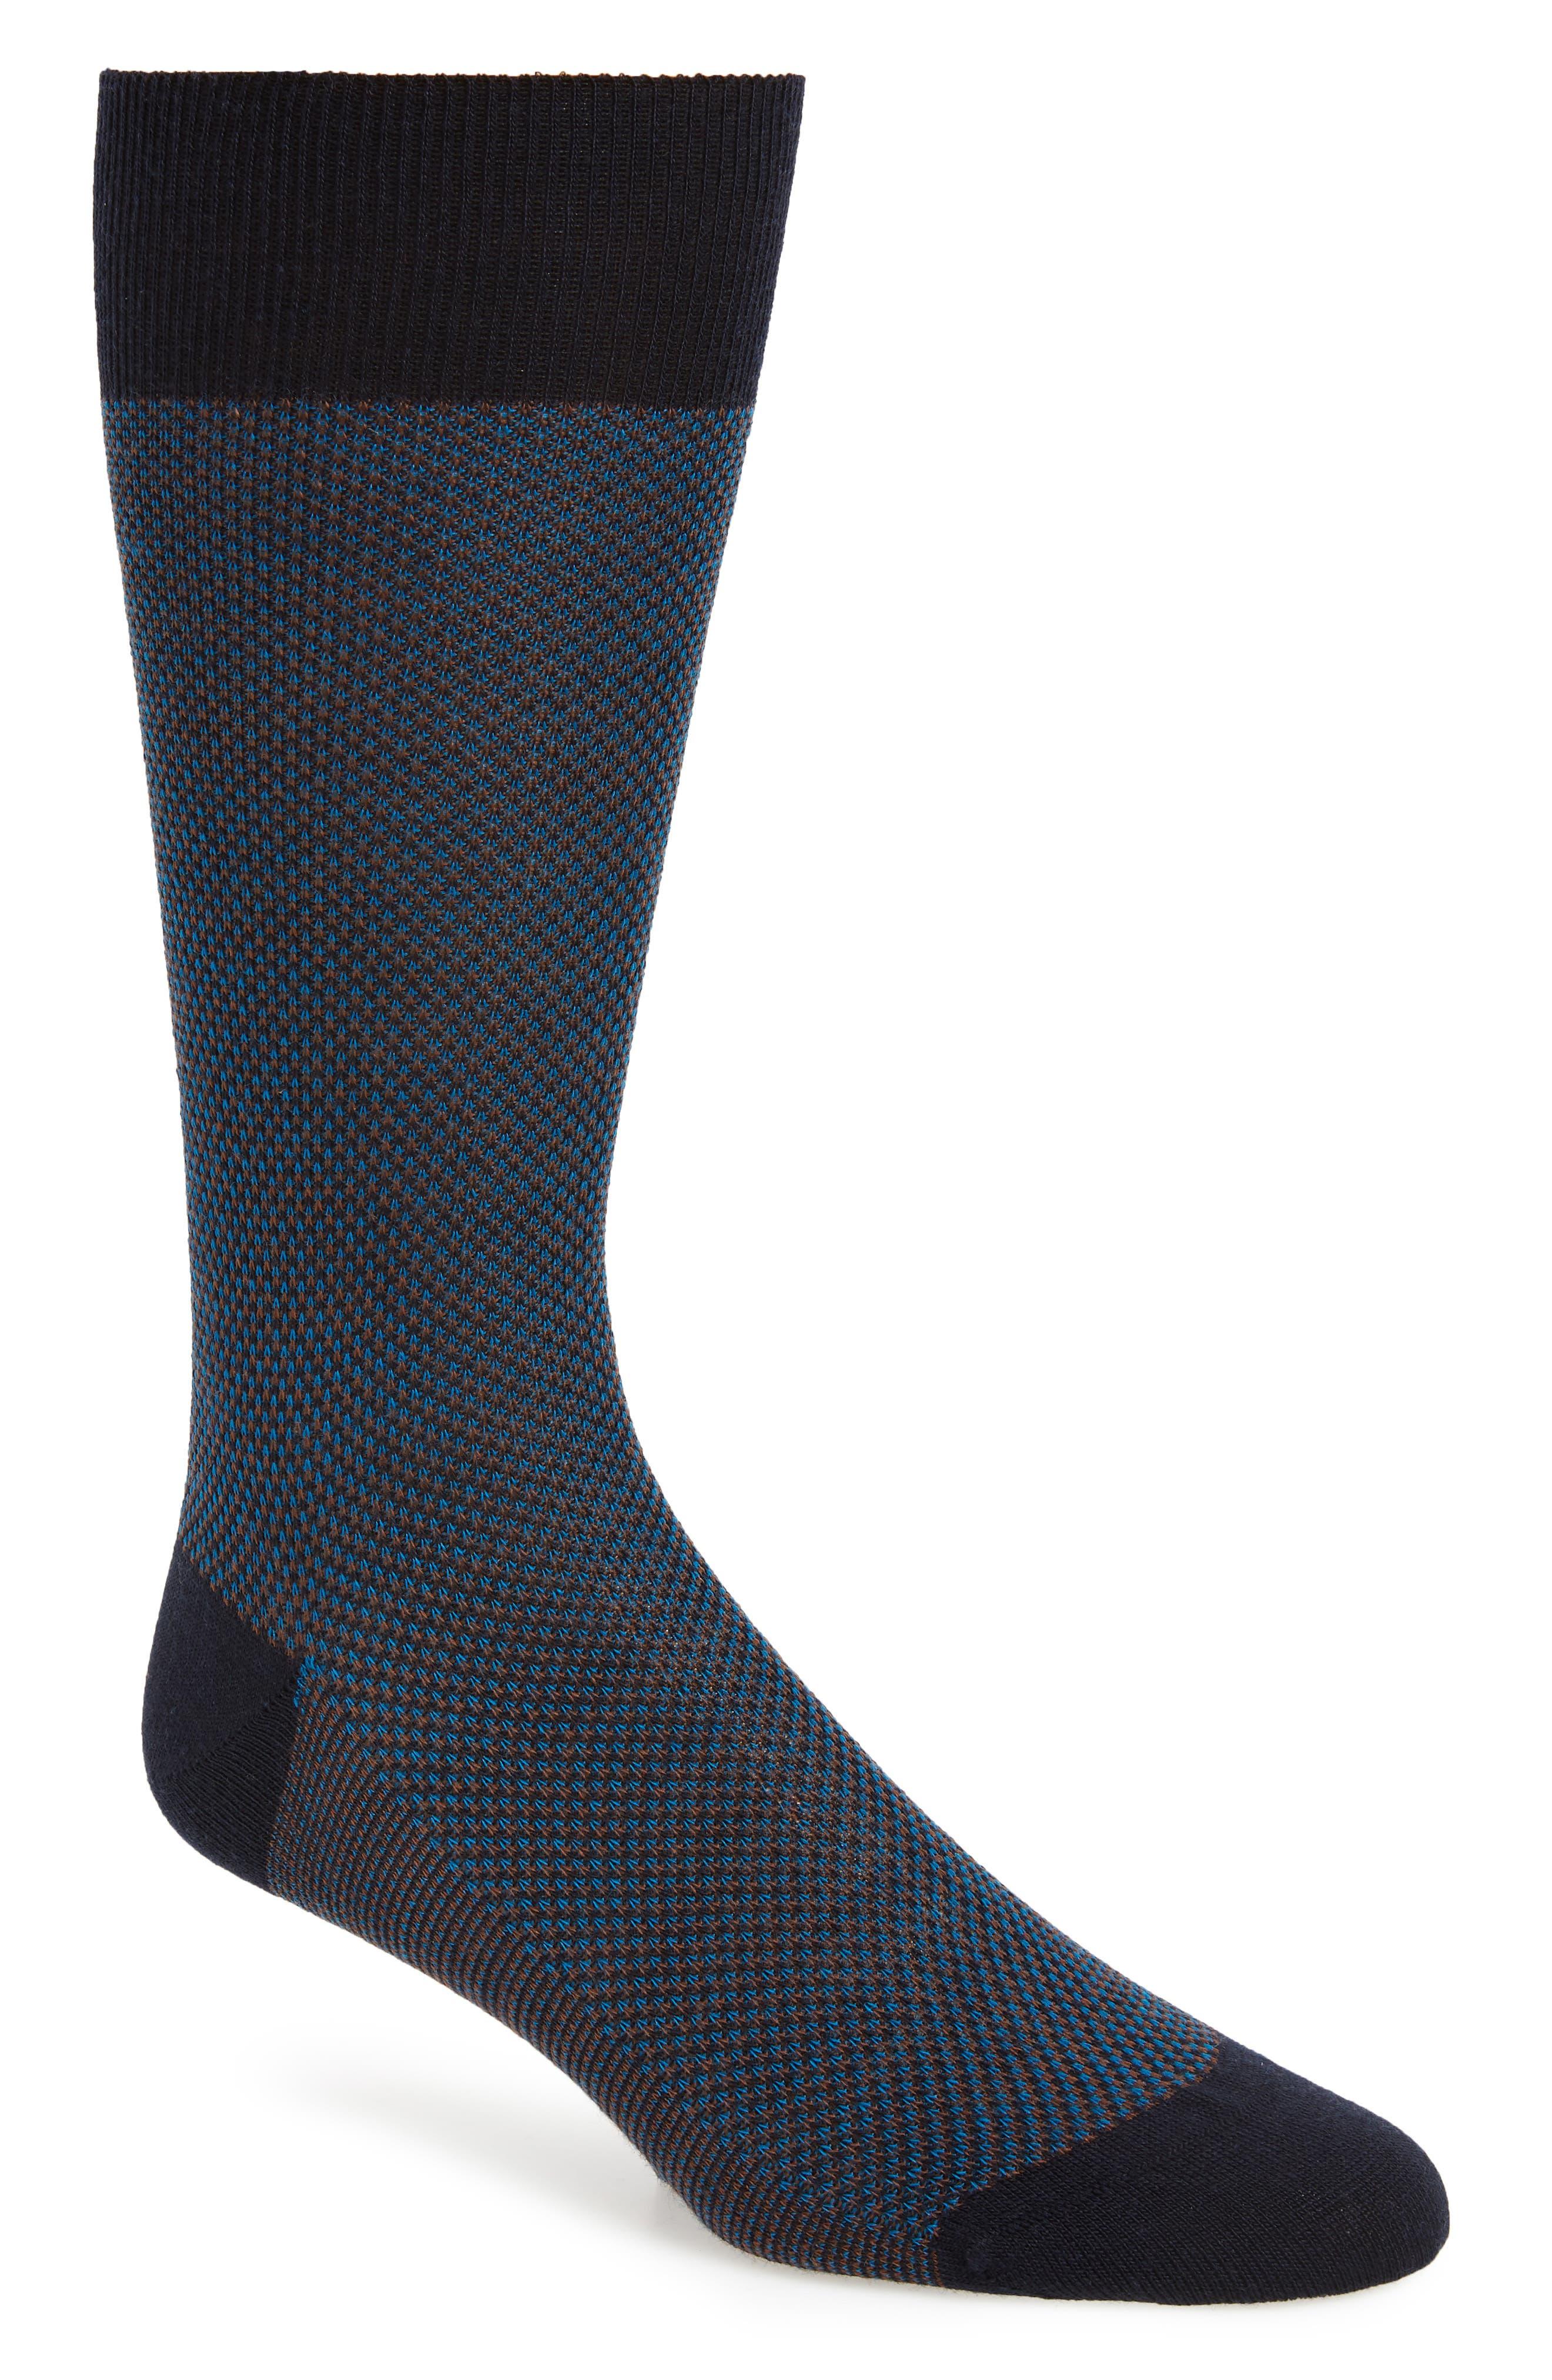 Vintage Men's Socks History-1900 to 1960s Mens Pantherella Vintage Collection - Blenheim Merino Wool Blend Socks Size One Size - Blue $11.98 AT vintagedancer.com